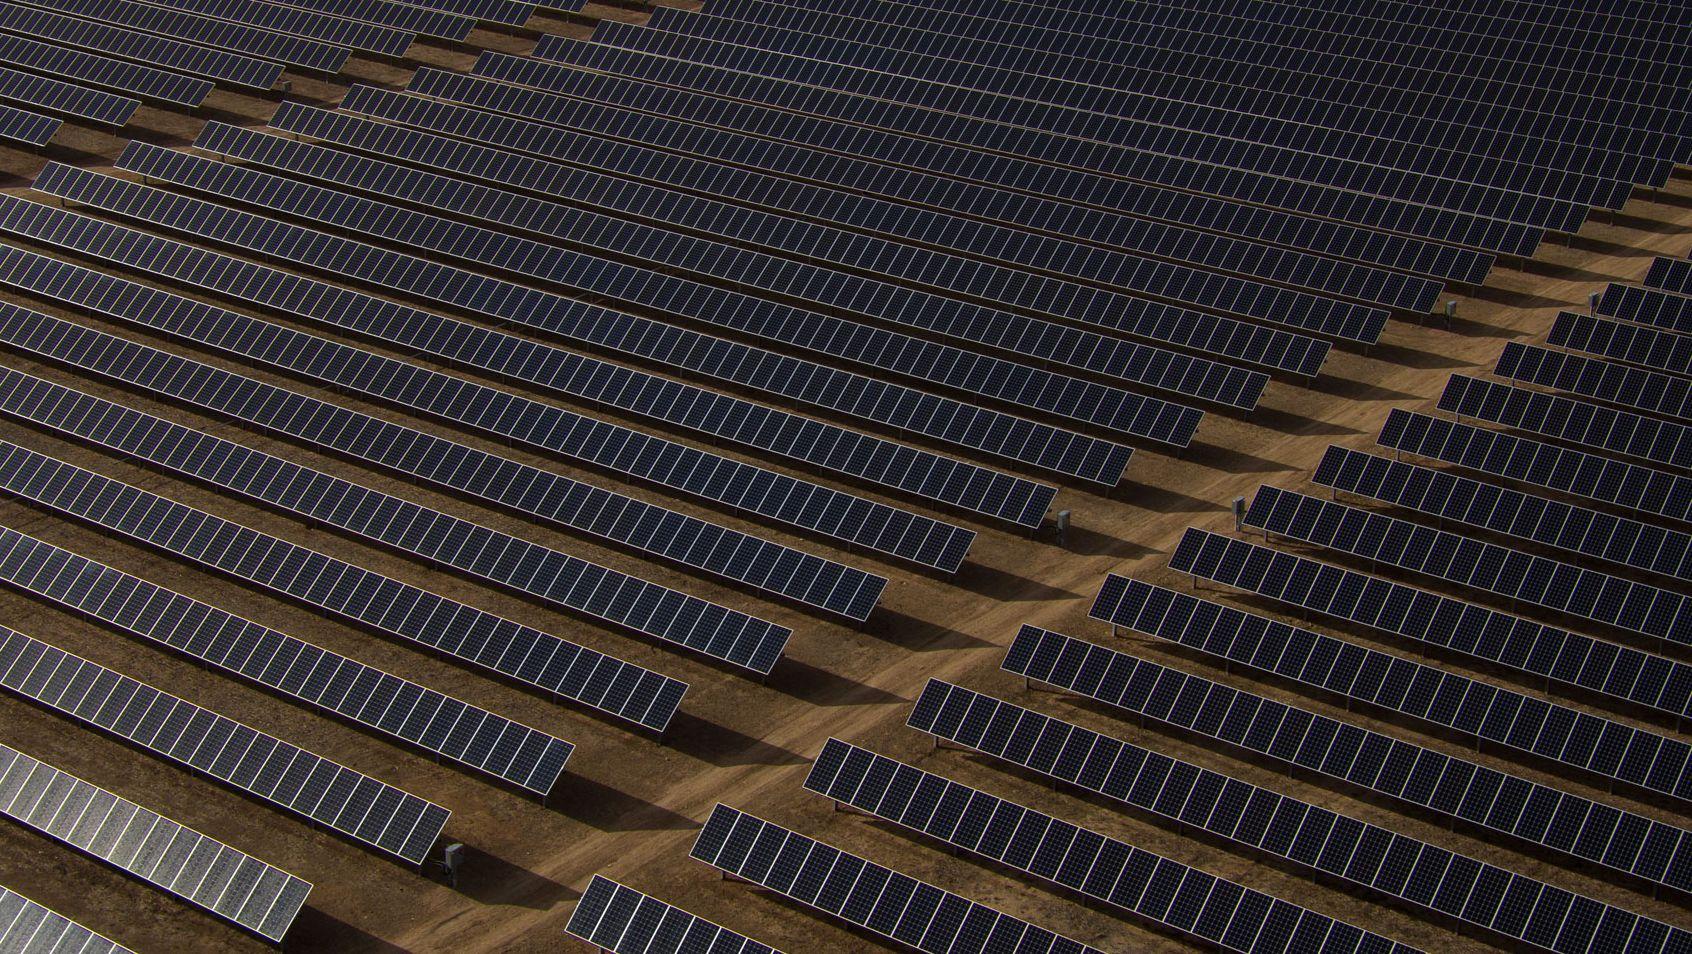 再生可能エネの成長が失速、IEA発表の衝撃